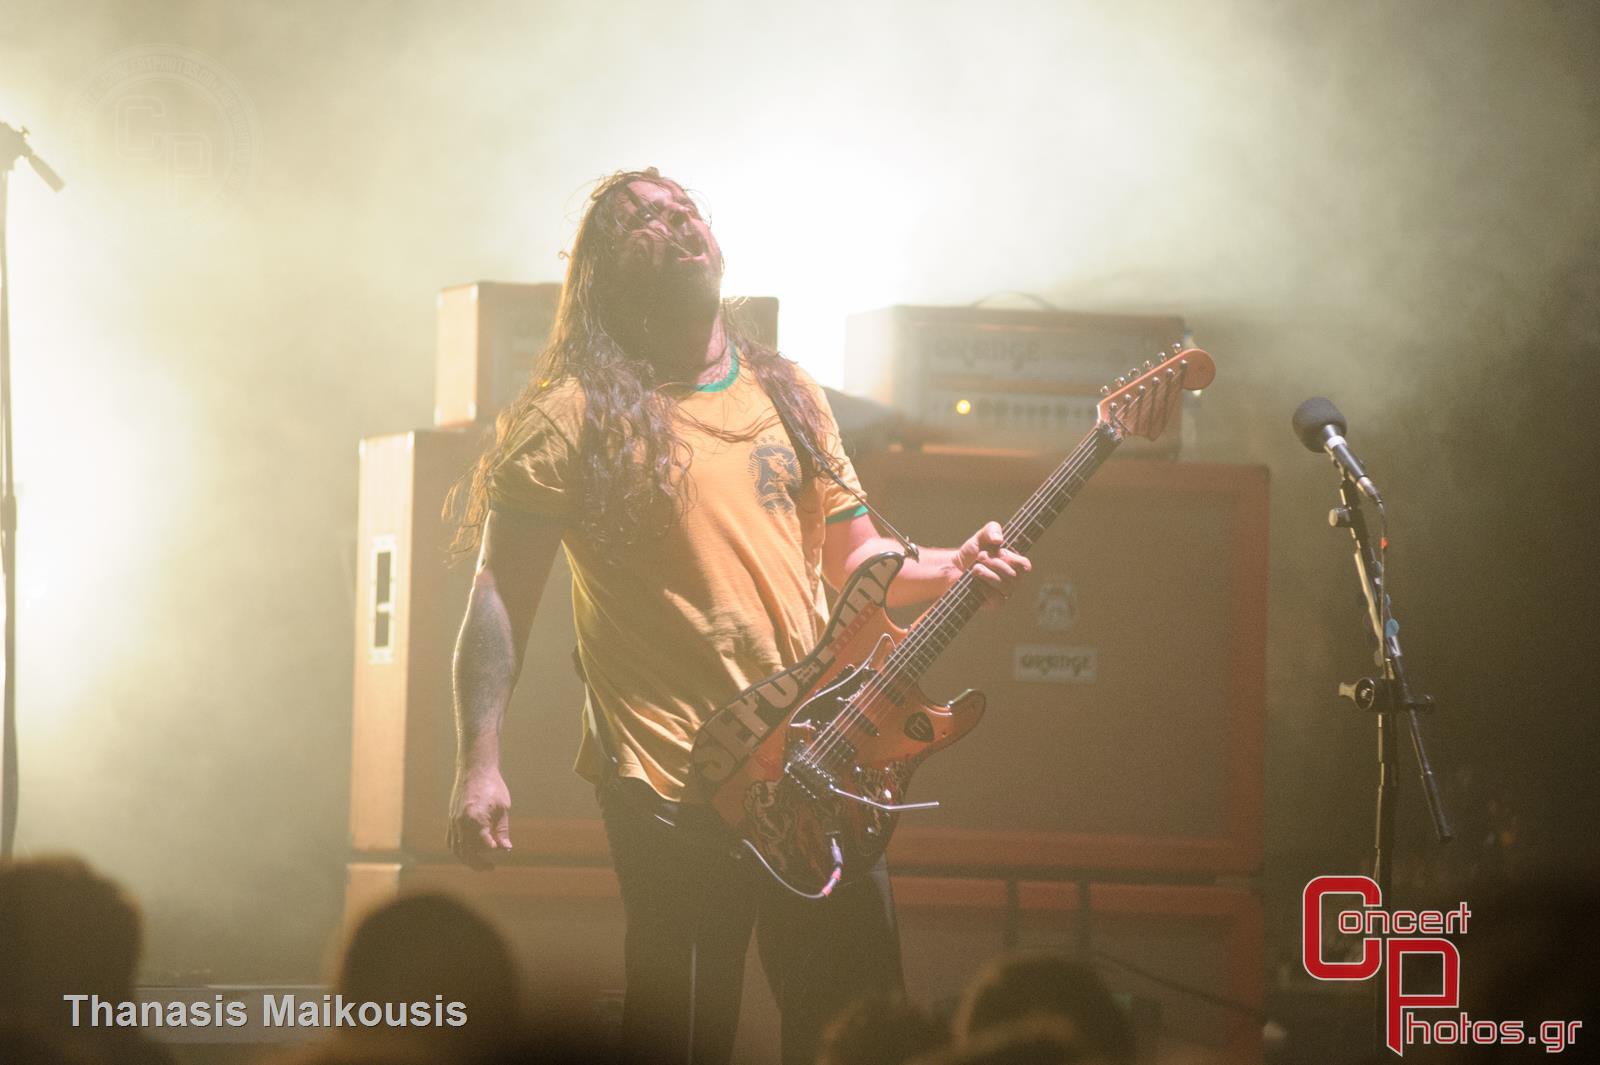 Sepultura-Sepultira photographer: Thanasis Maikousis - concertphotos_20140703_22_36_00